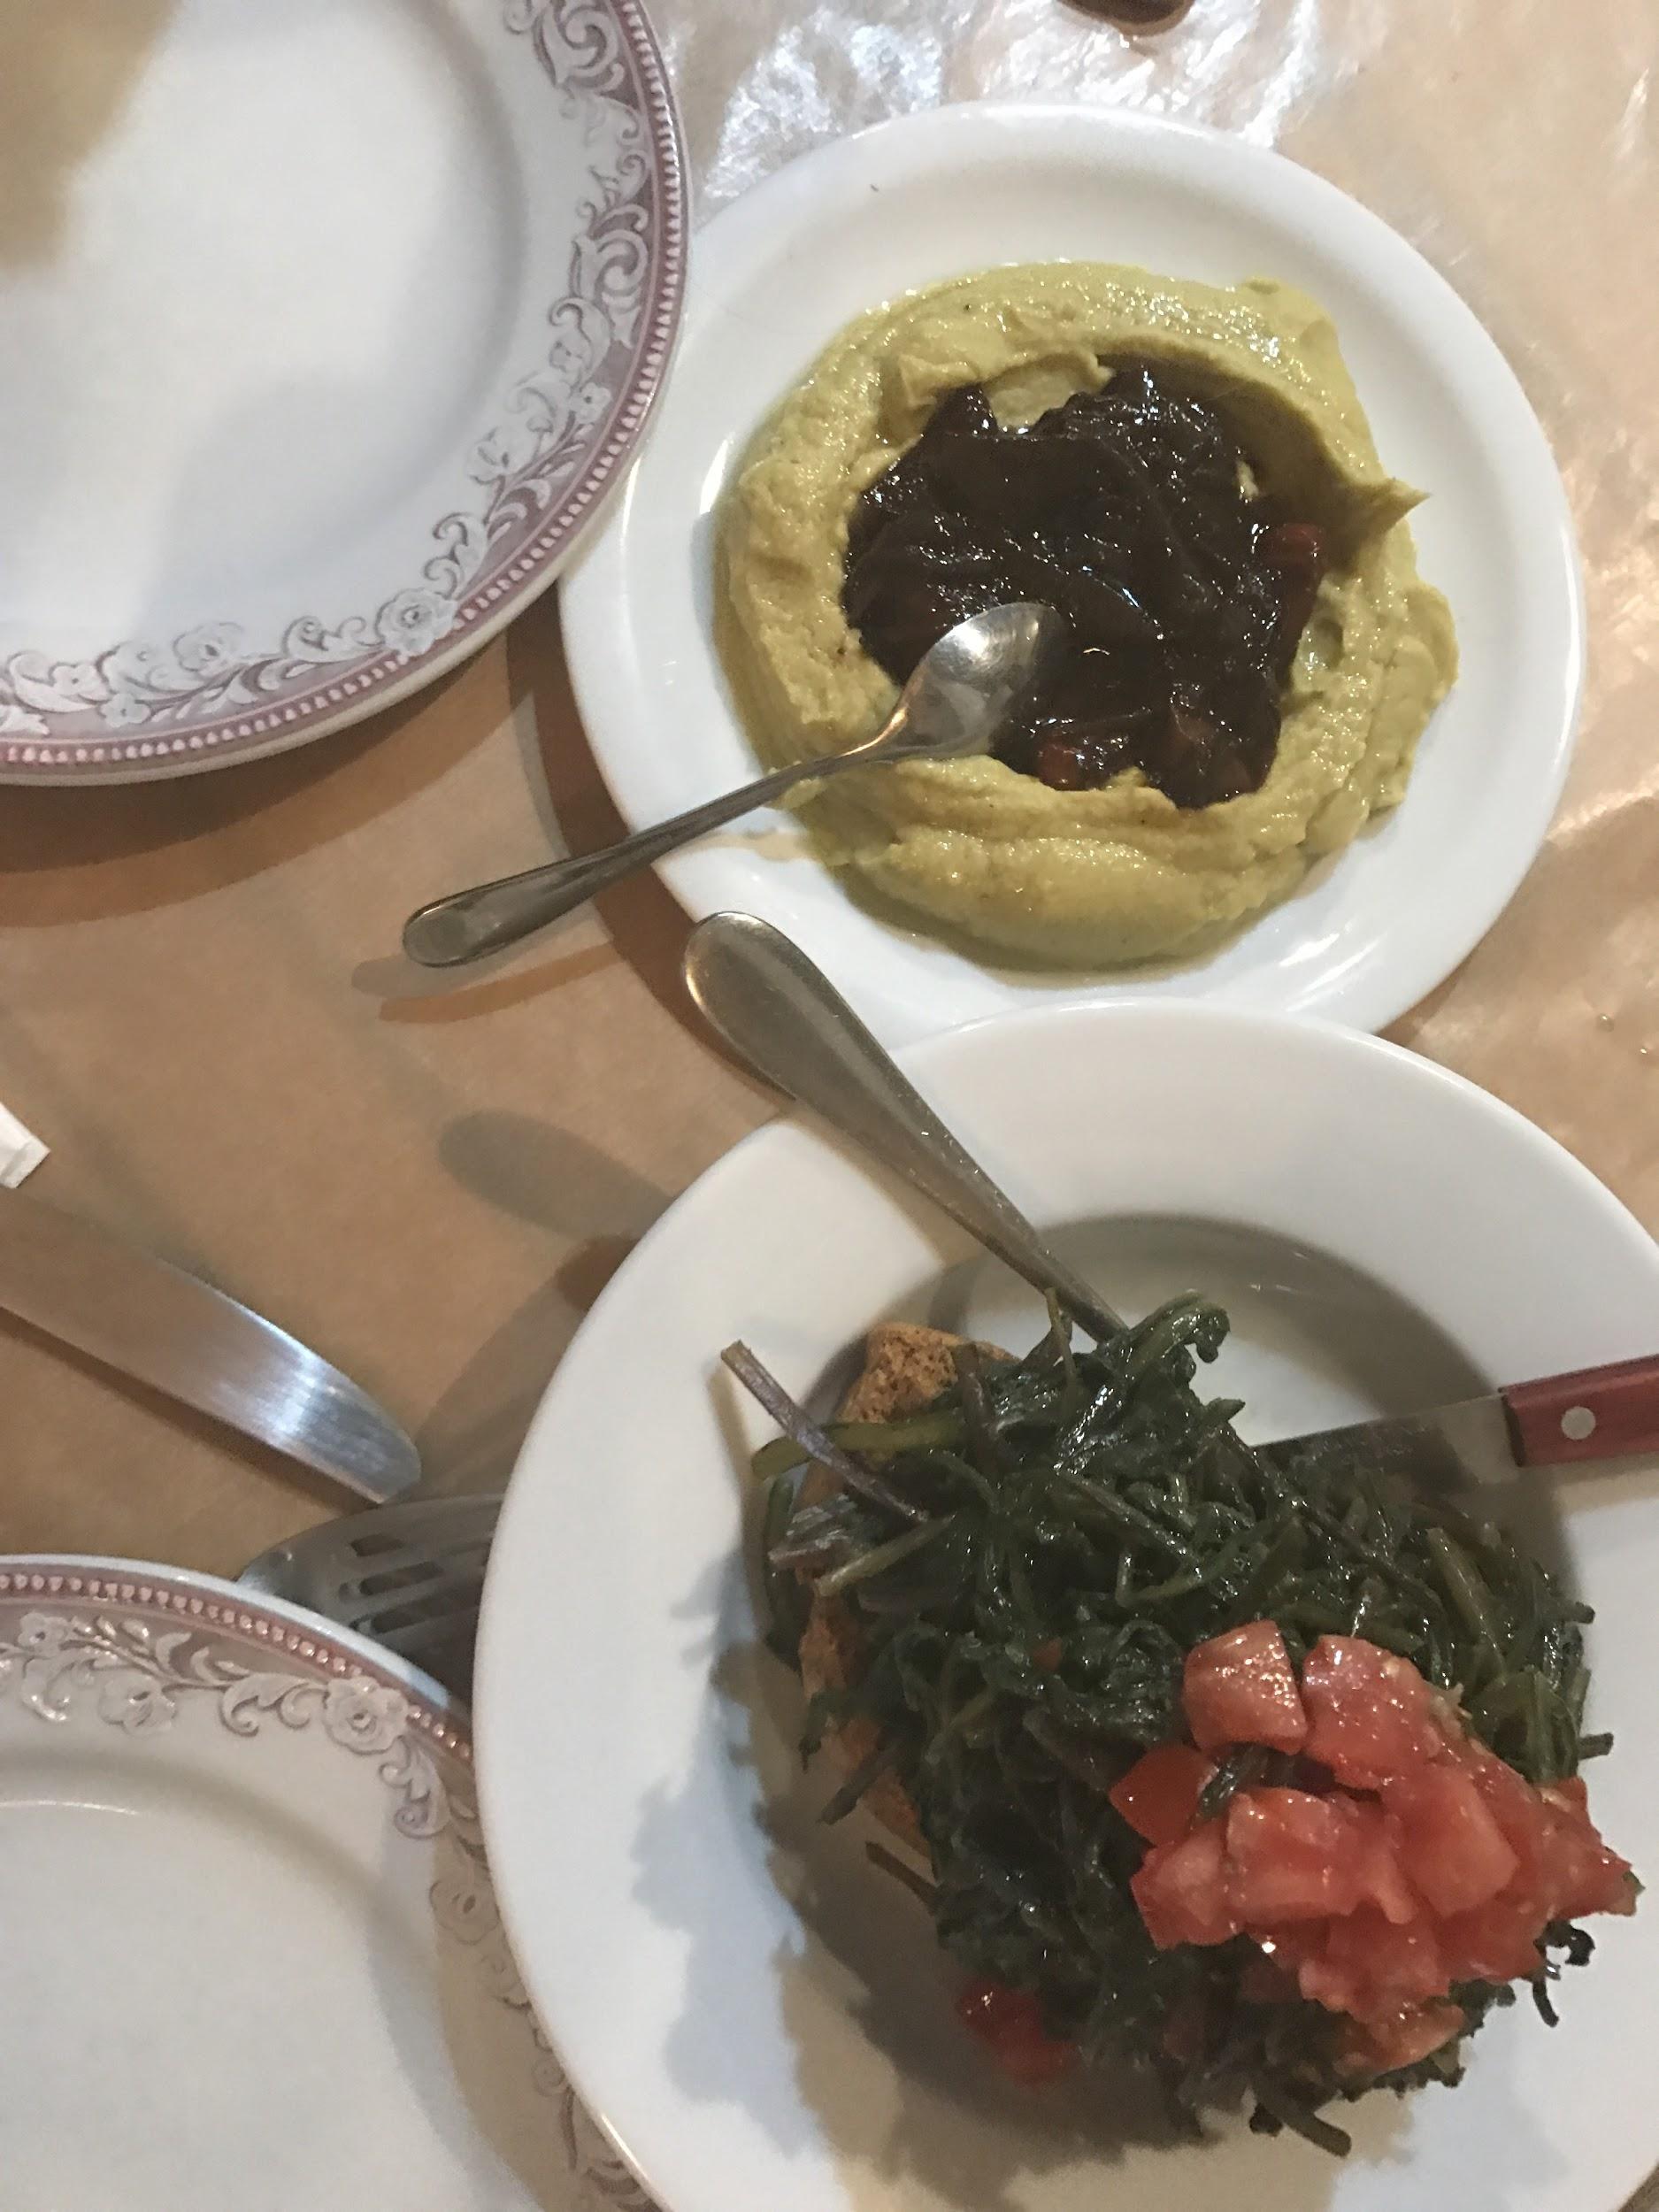 """Κρεατικά και λαχανικά δικής του παραγωγής τον έχουν αναδείξει ως ένα απο τα πιο λατρεμένα στέκια του νησιού- κανείς δεν επισκεπτεται το νησί χωρις να """"προσκυνήσει"""" στου Ταρσάνα!"""